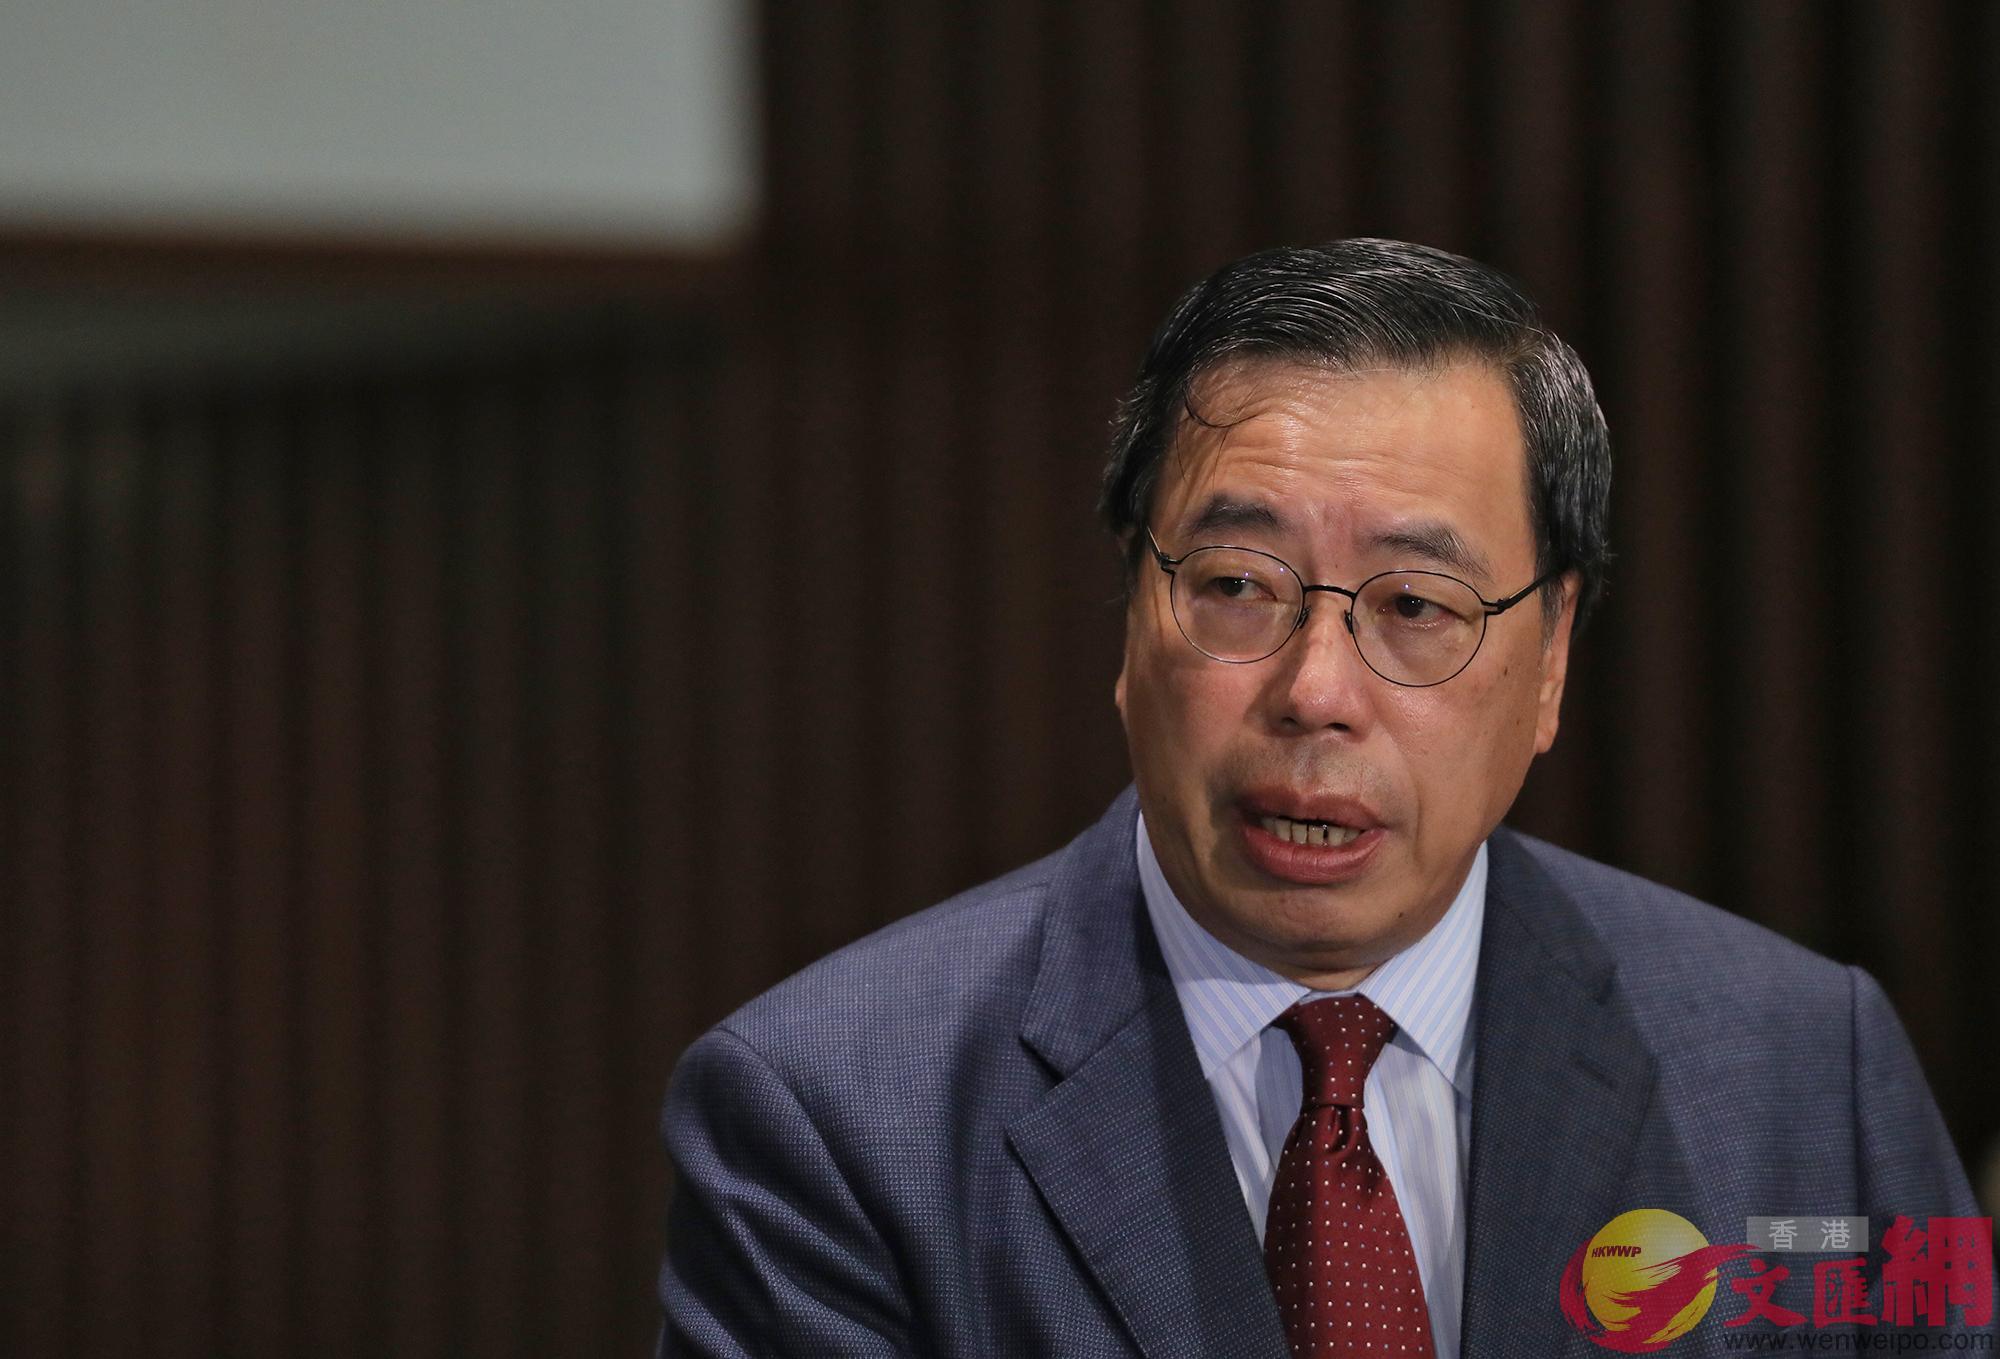 立法會主席梁君彥表示,要求羅梁劉姚於2周內收拾物品離開(大公文匯全媒體記者麥鈞傑攝)